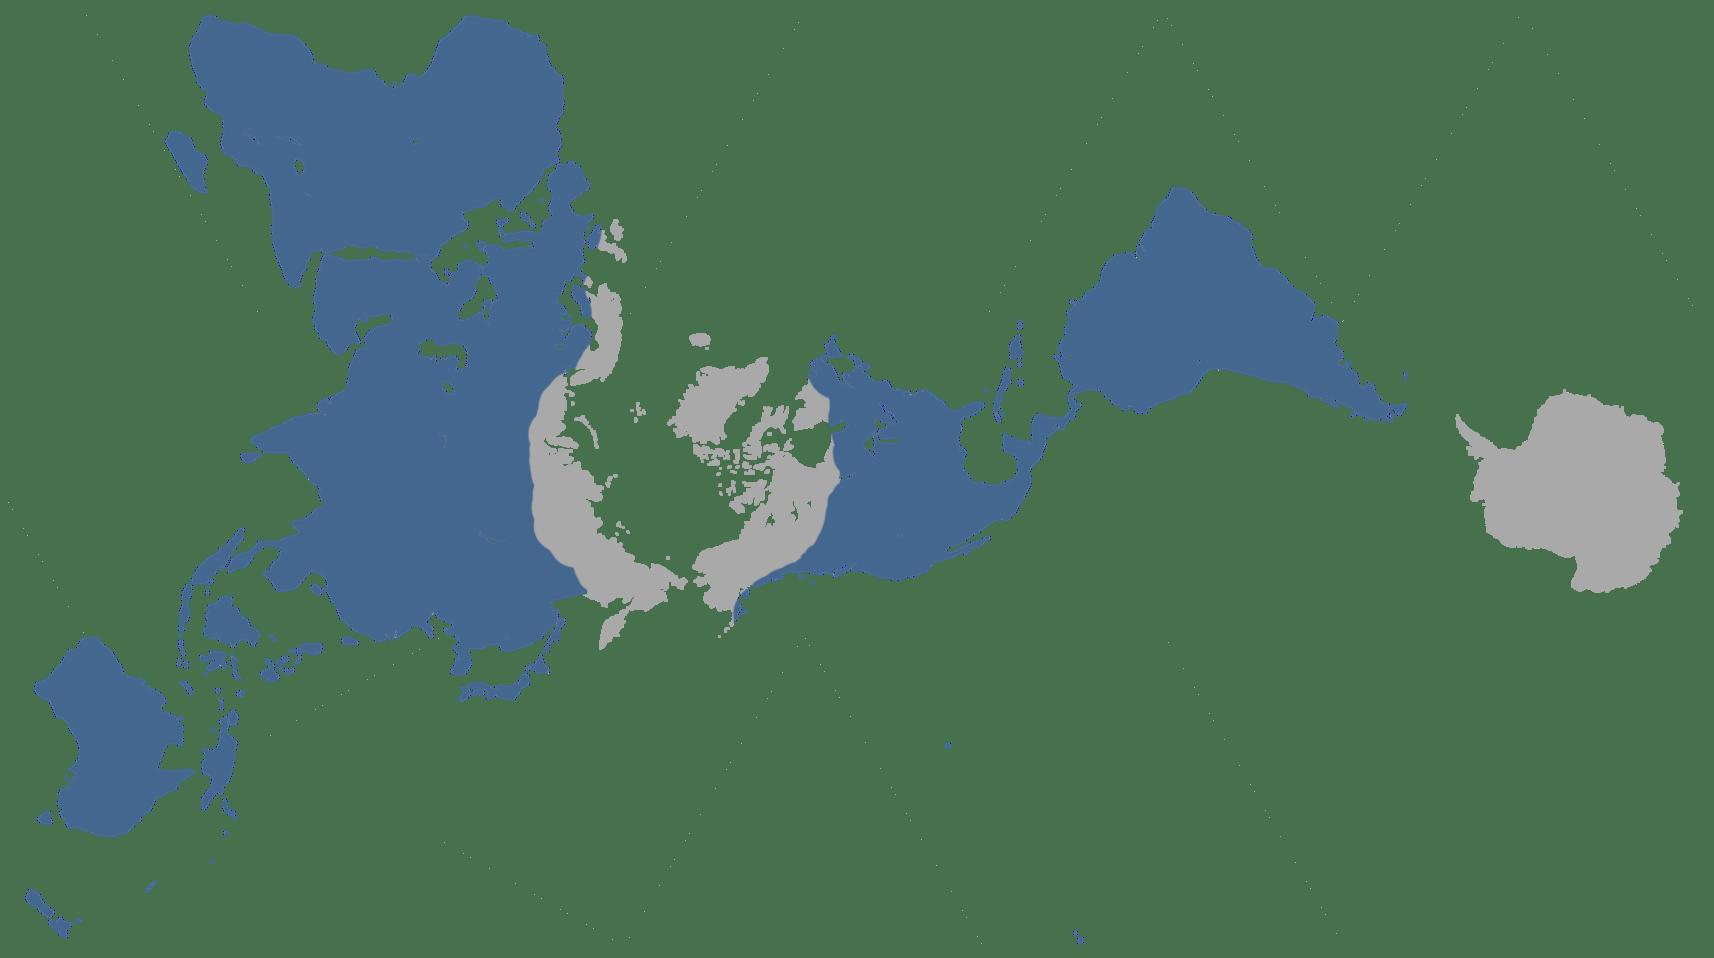 Distribution spatiale des chauves-souris à travers le monde